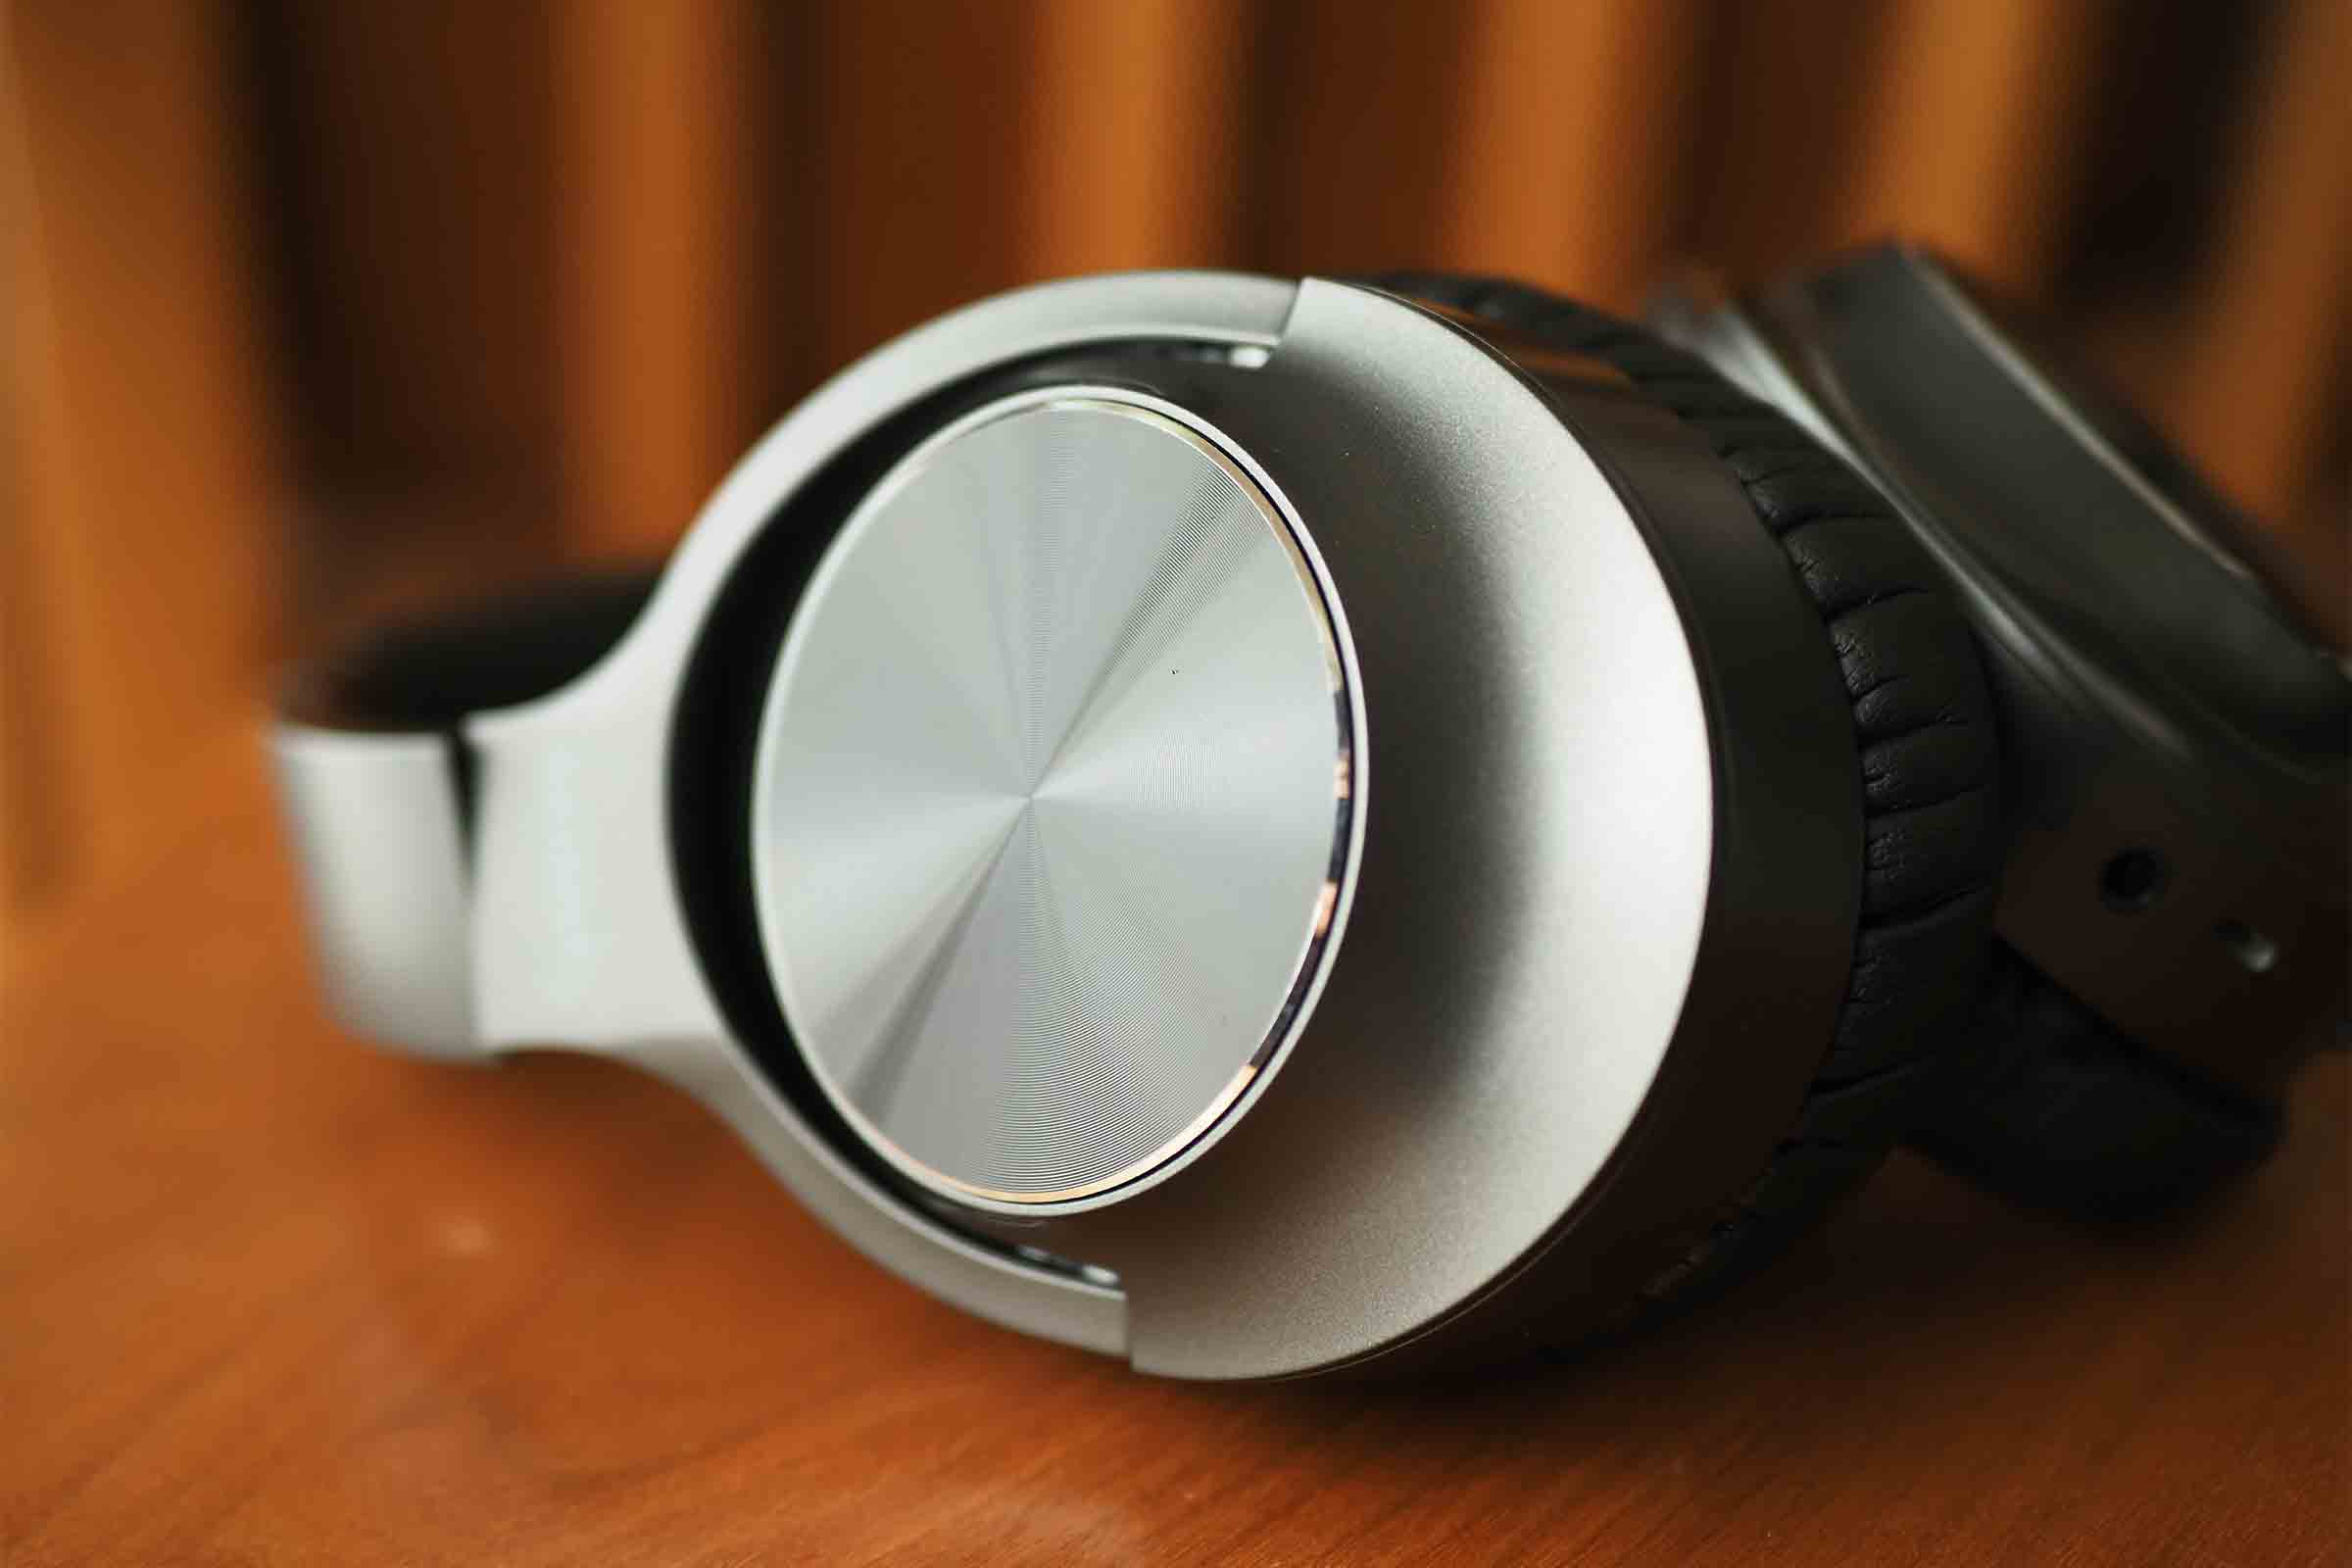 ワイヤレスイヤホン,ワイヤレスヘッドホン,vankyo,ノイズキャンセリング,音質,高音質,低音,安い,マット